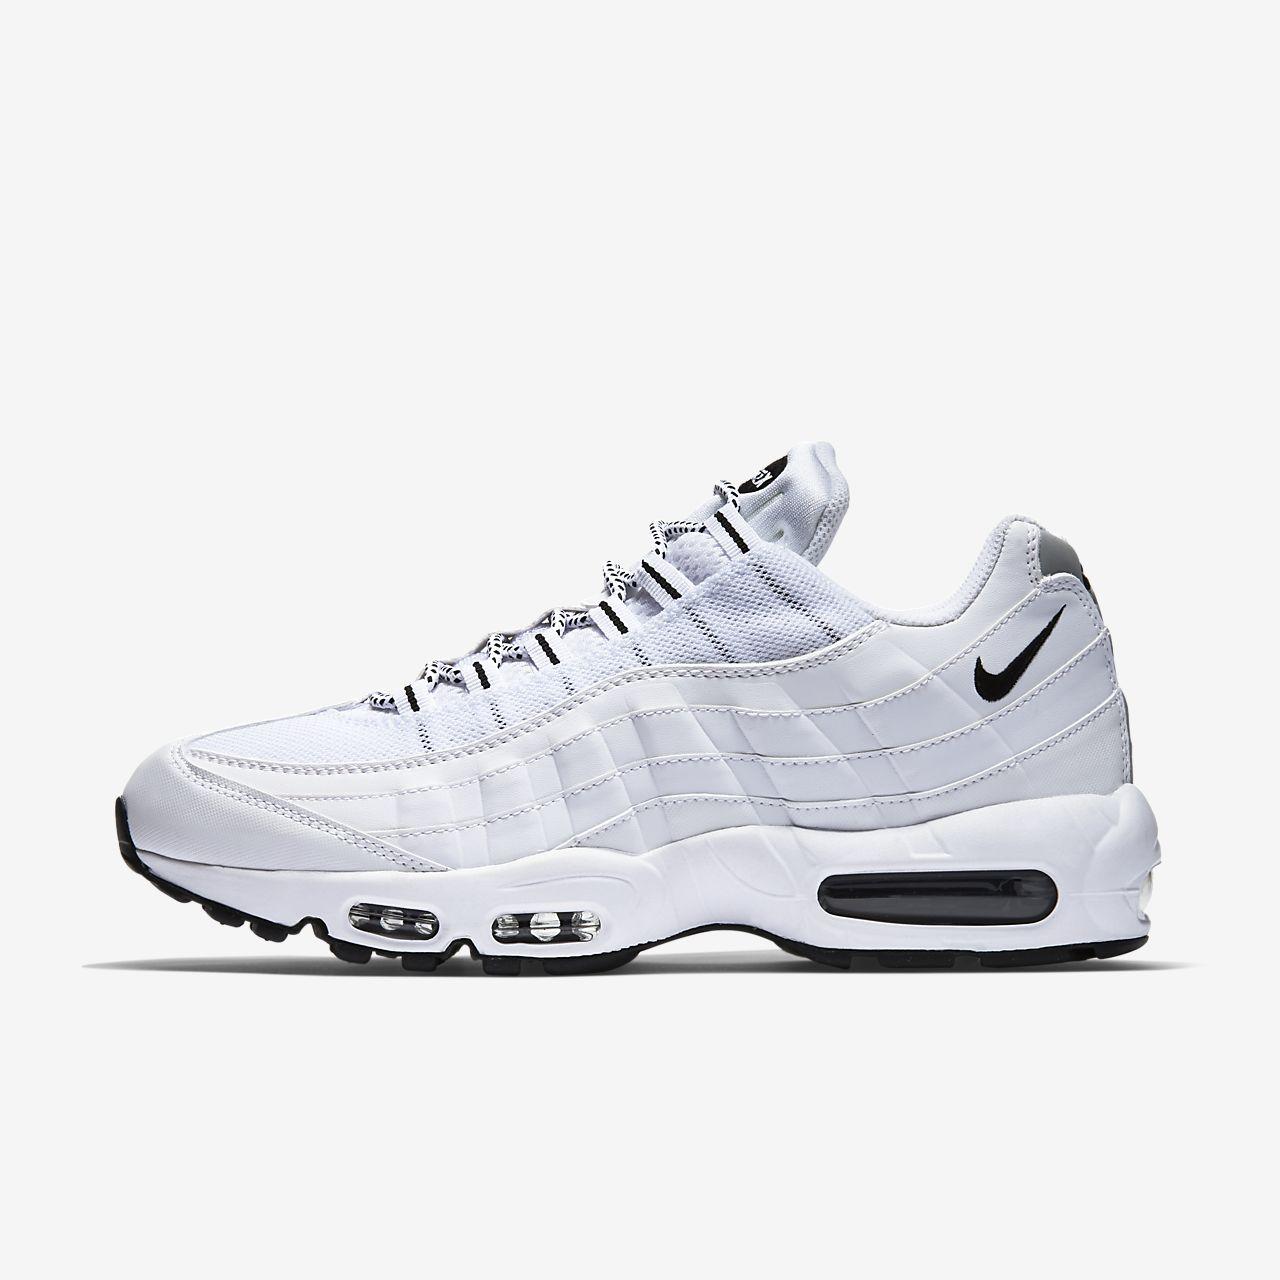 ... Nike Air Max 95 - sko til mænd